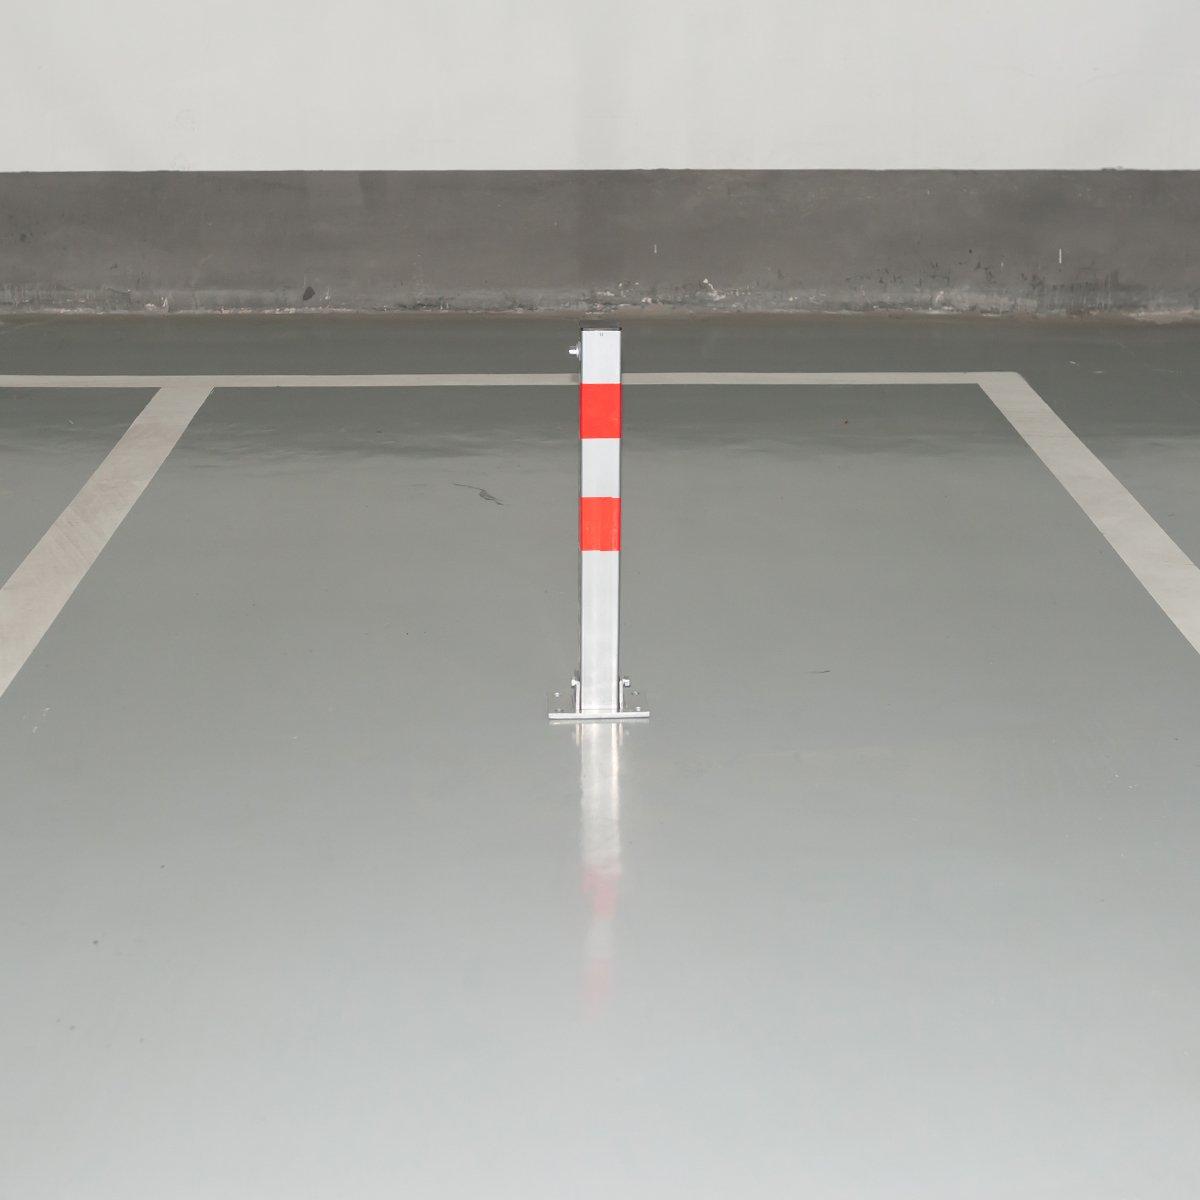 Platz RMAN Klappbare Parkpfosten ParkWatch Parkplatzsperre Absperrpfosten Parkplatz-Barriere mit Schl/üssel mit Schl/üssel